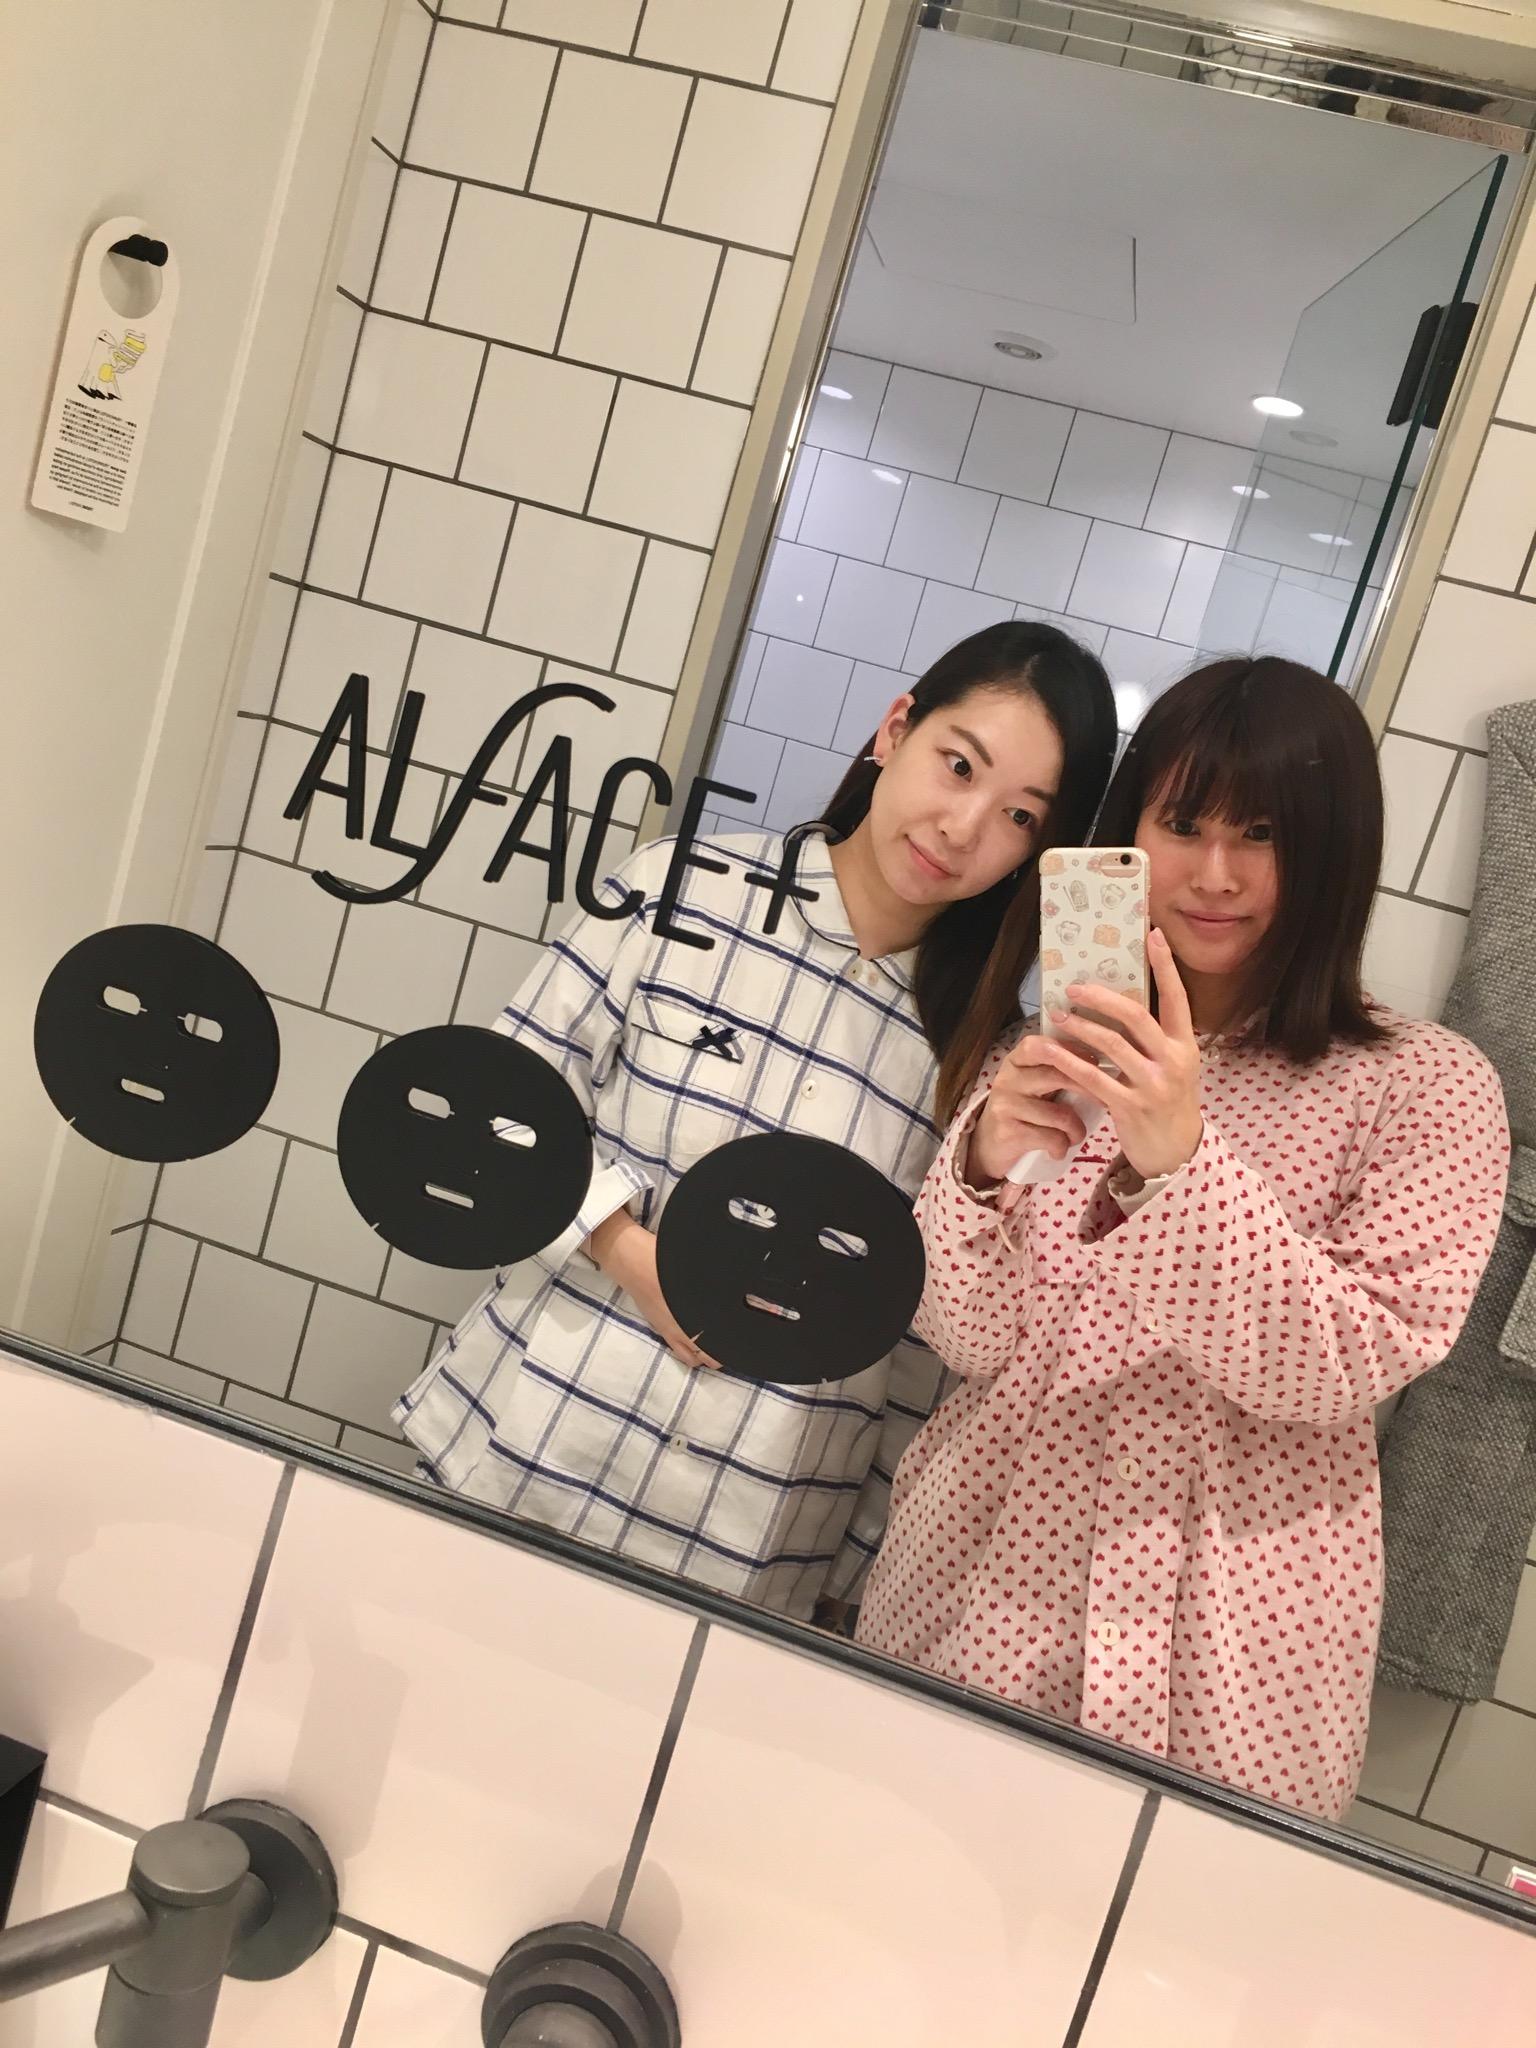 【今週のパック特別編】ALFACE+(オルフェス)パジャマパーティーに参加しました_1